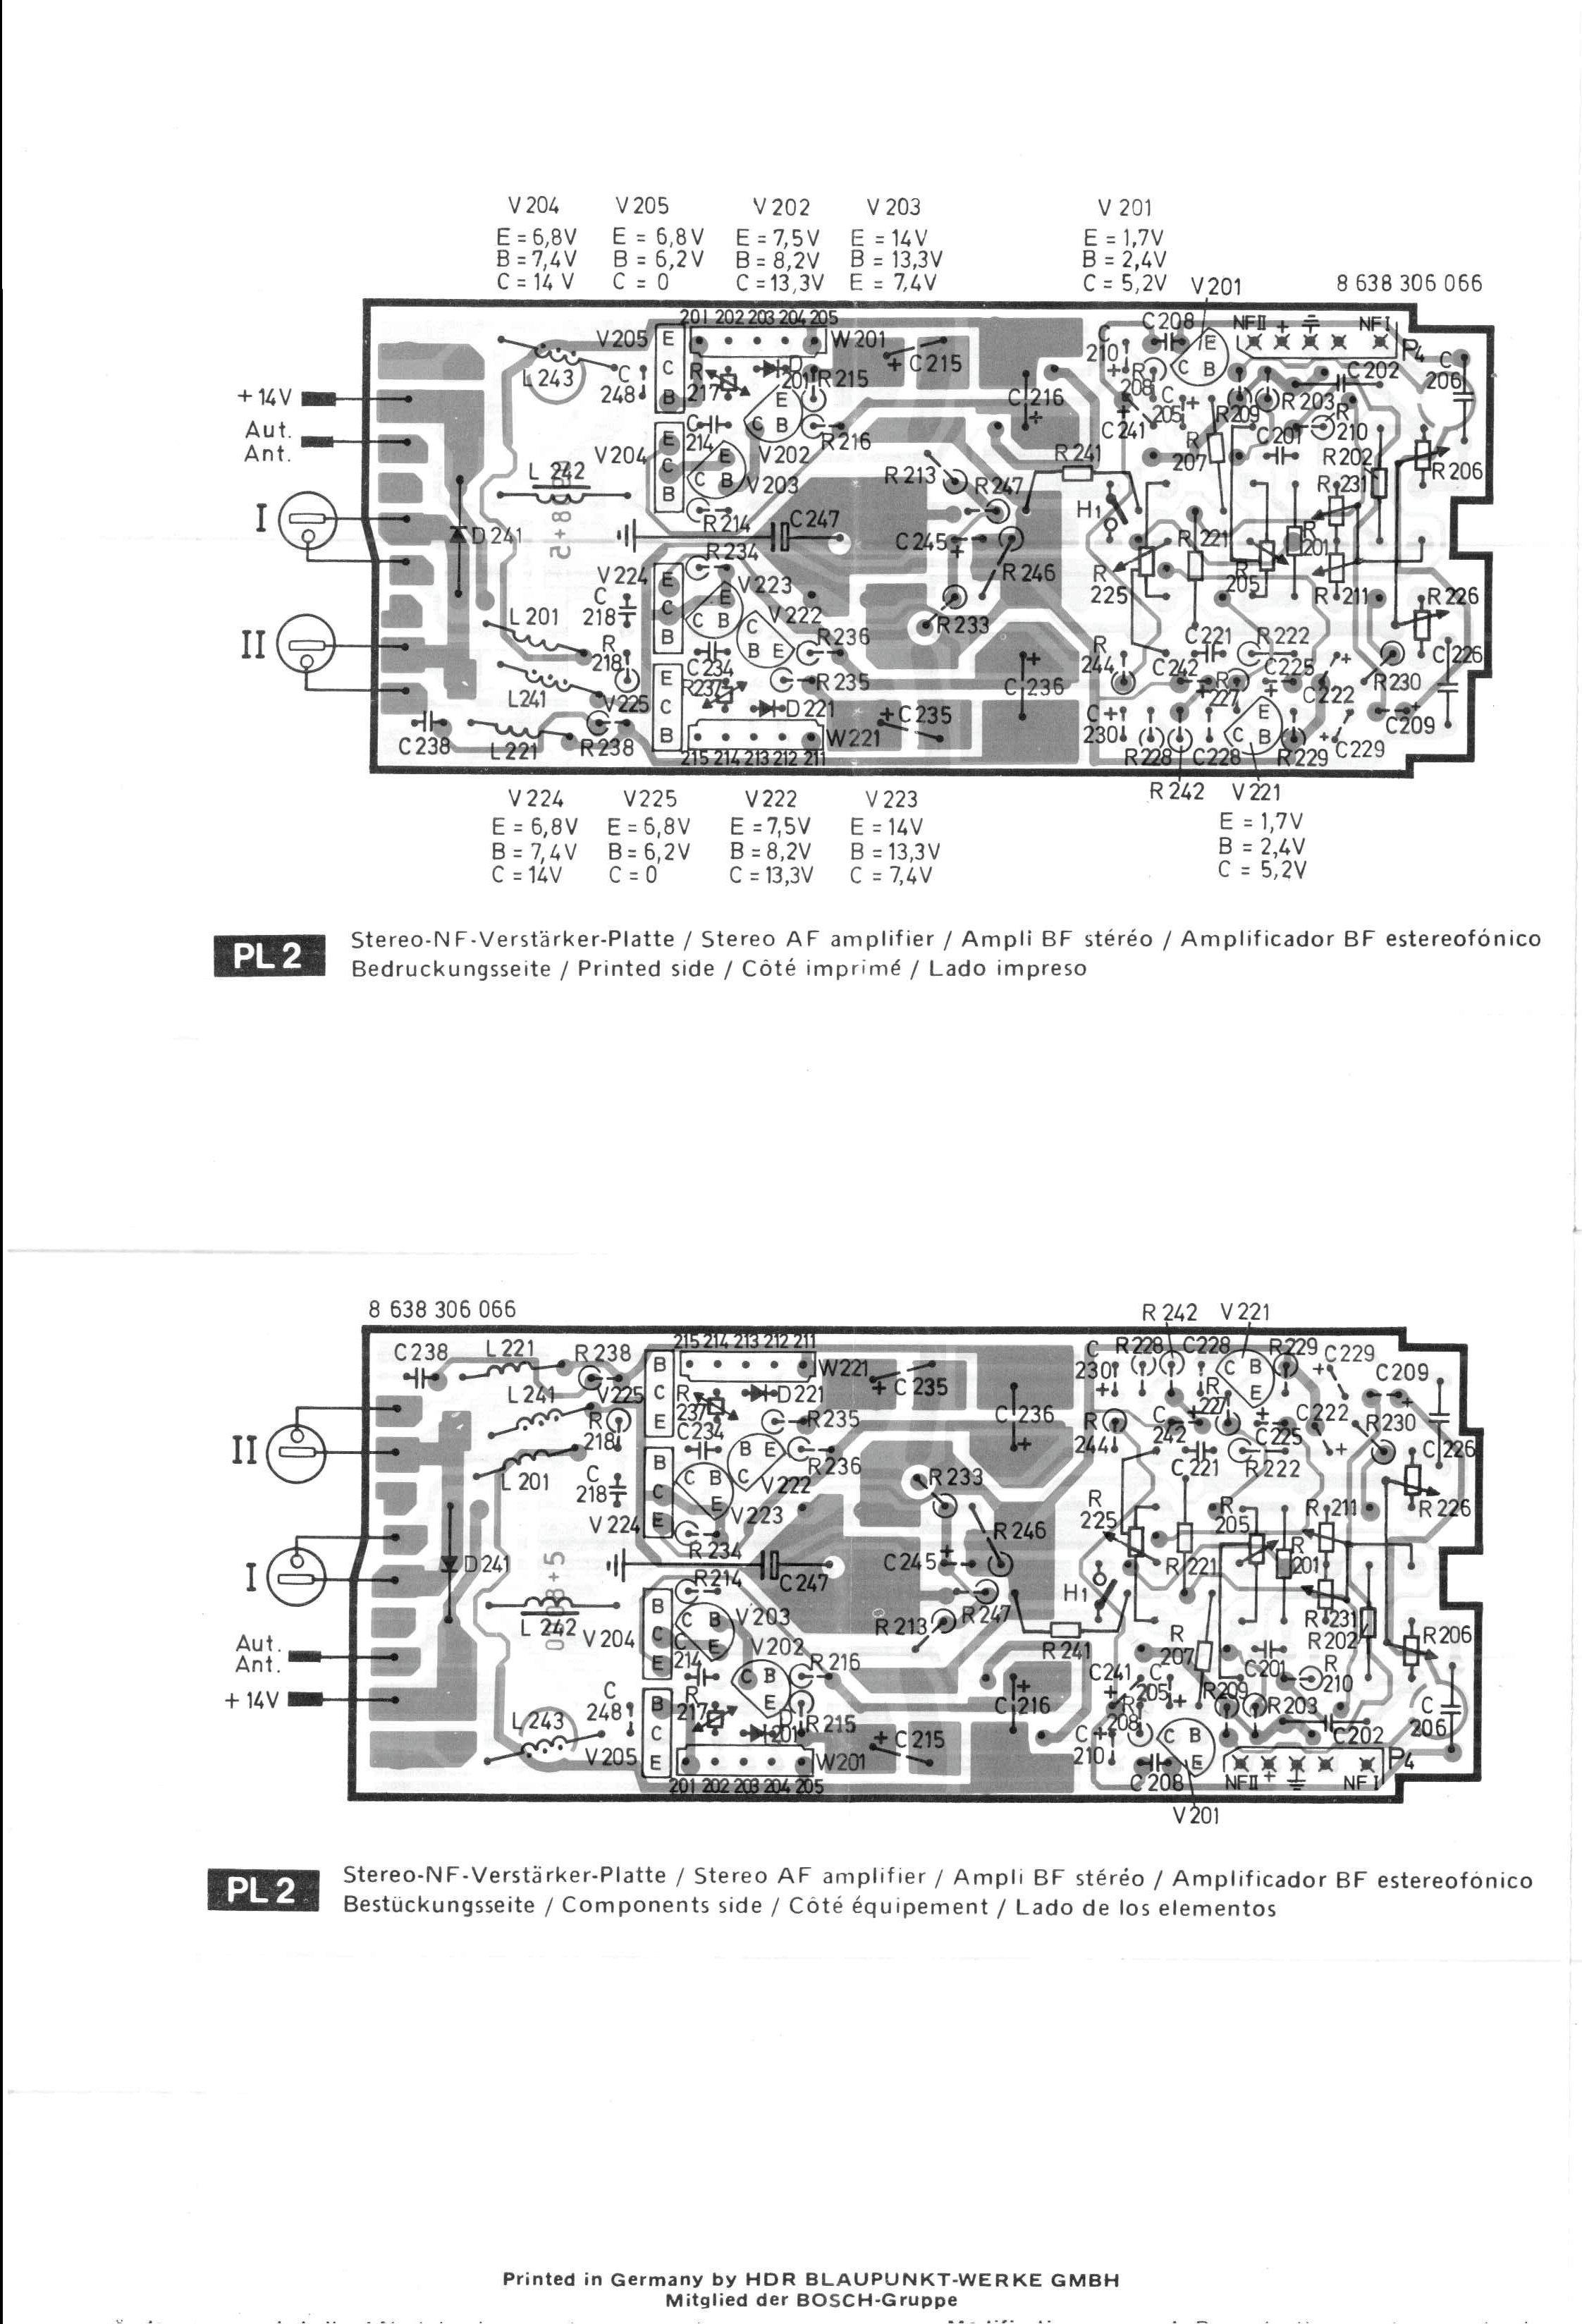 [DIAGRAM] Intoxalock Wiring Diagram Gallery Wiring Diagram